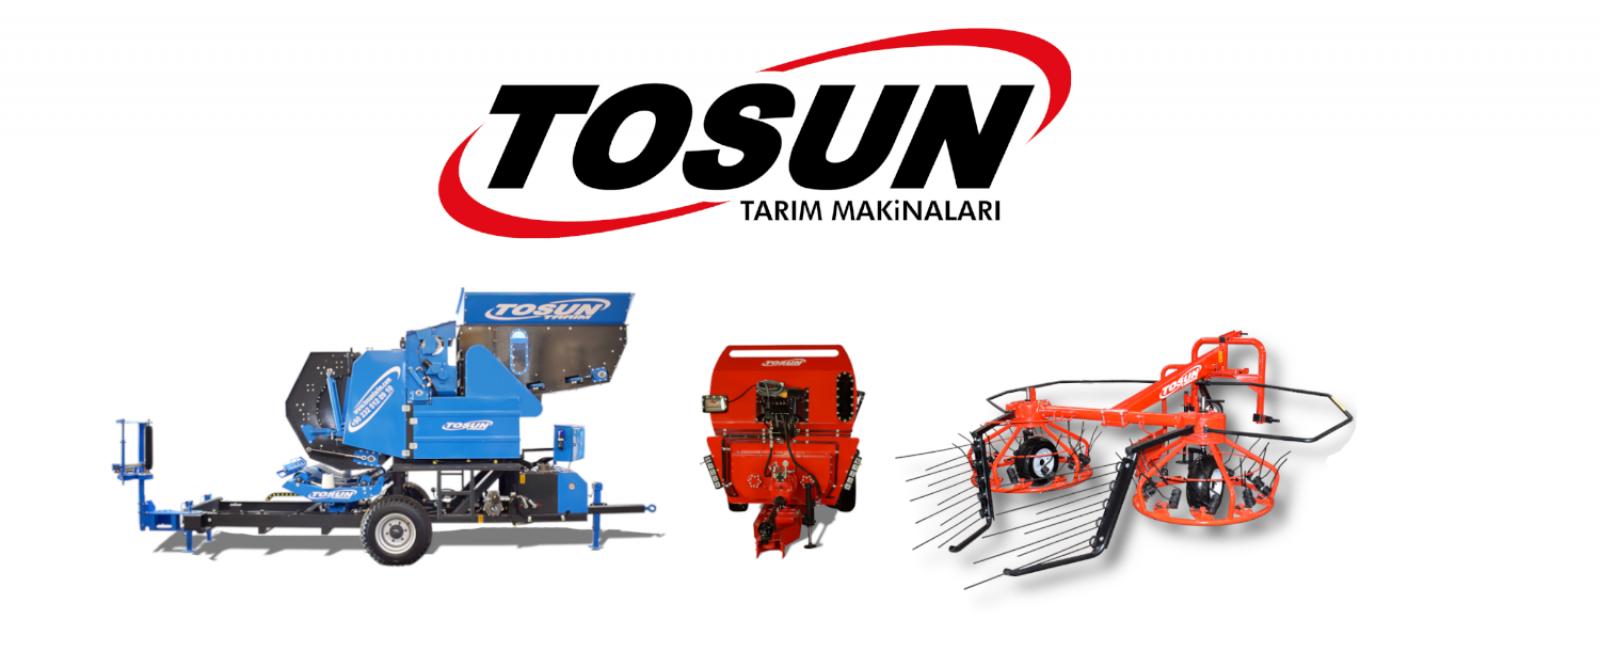 TOSUN TARIM